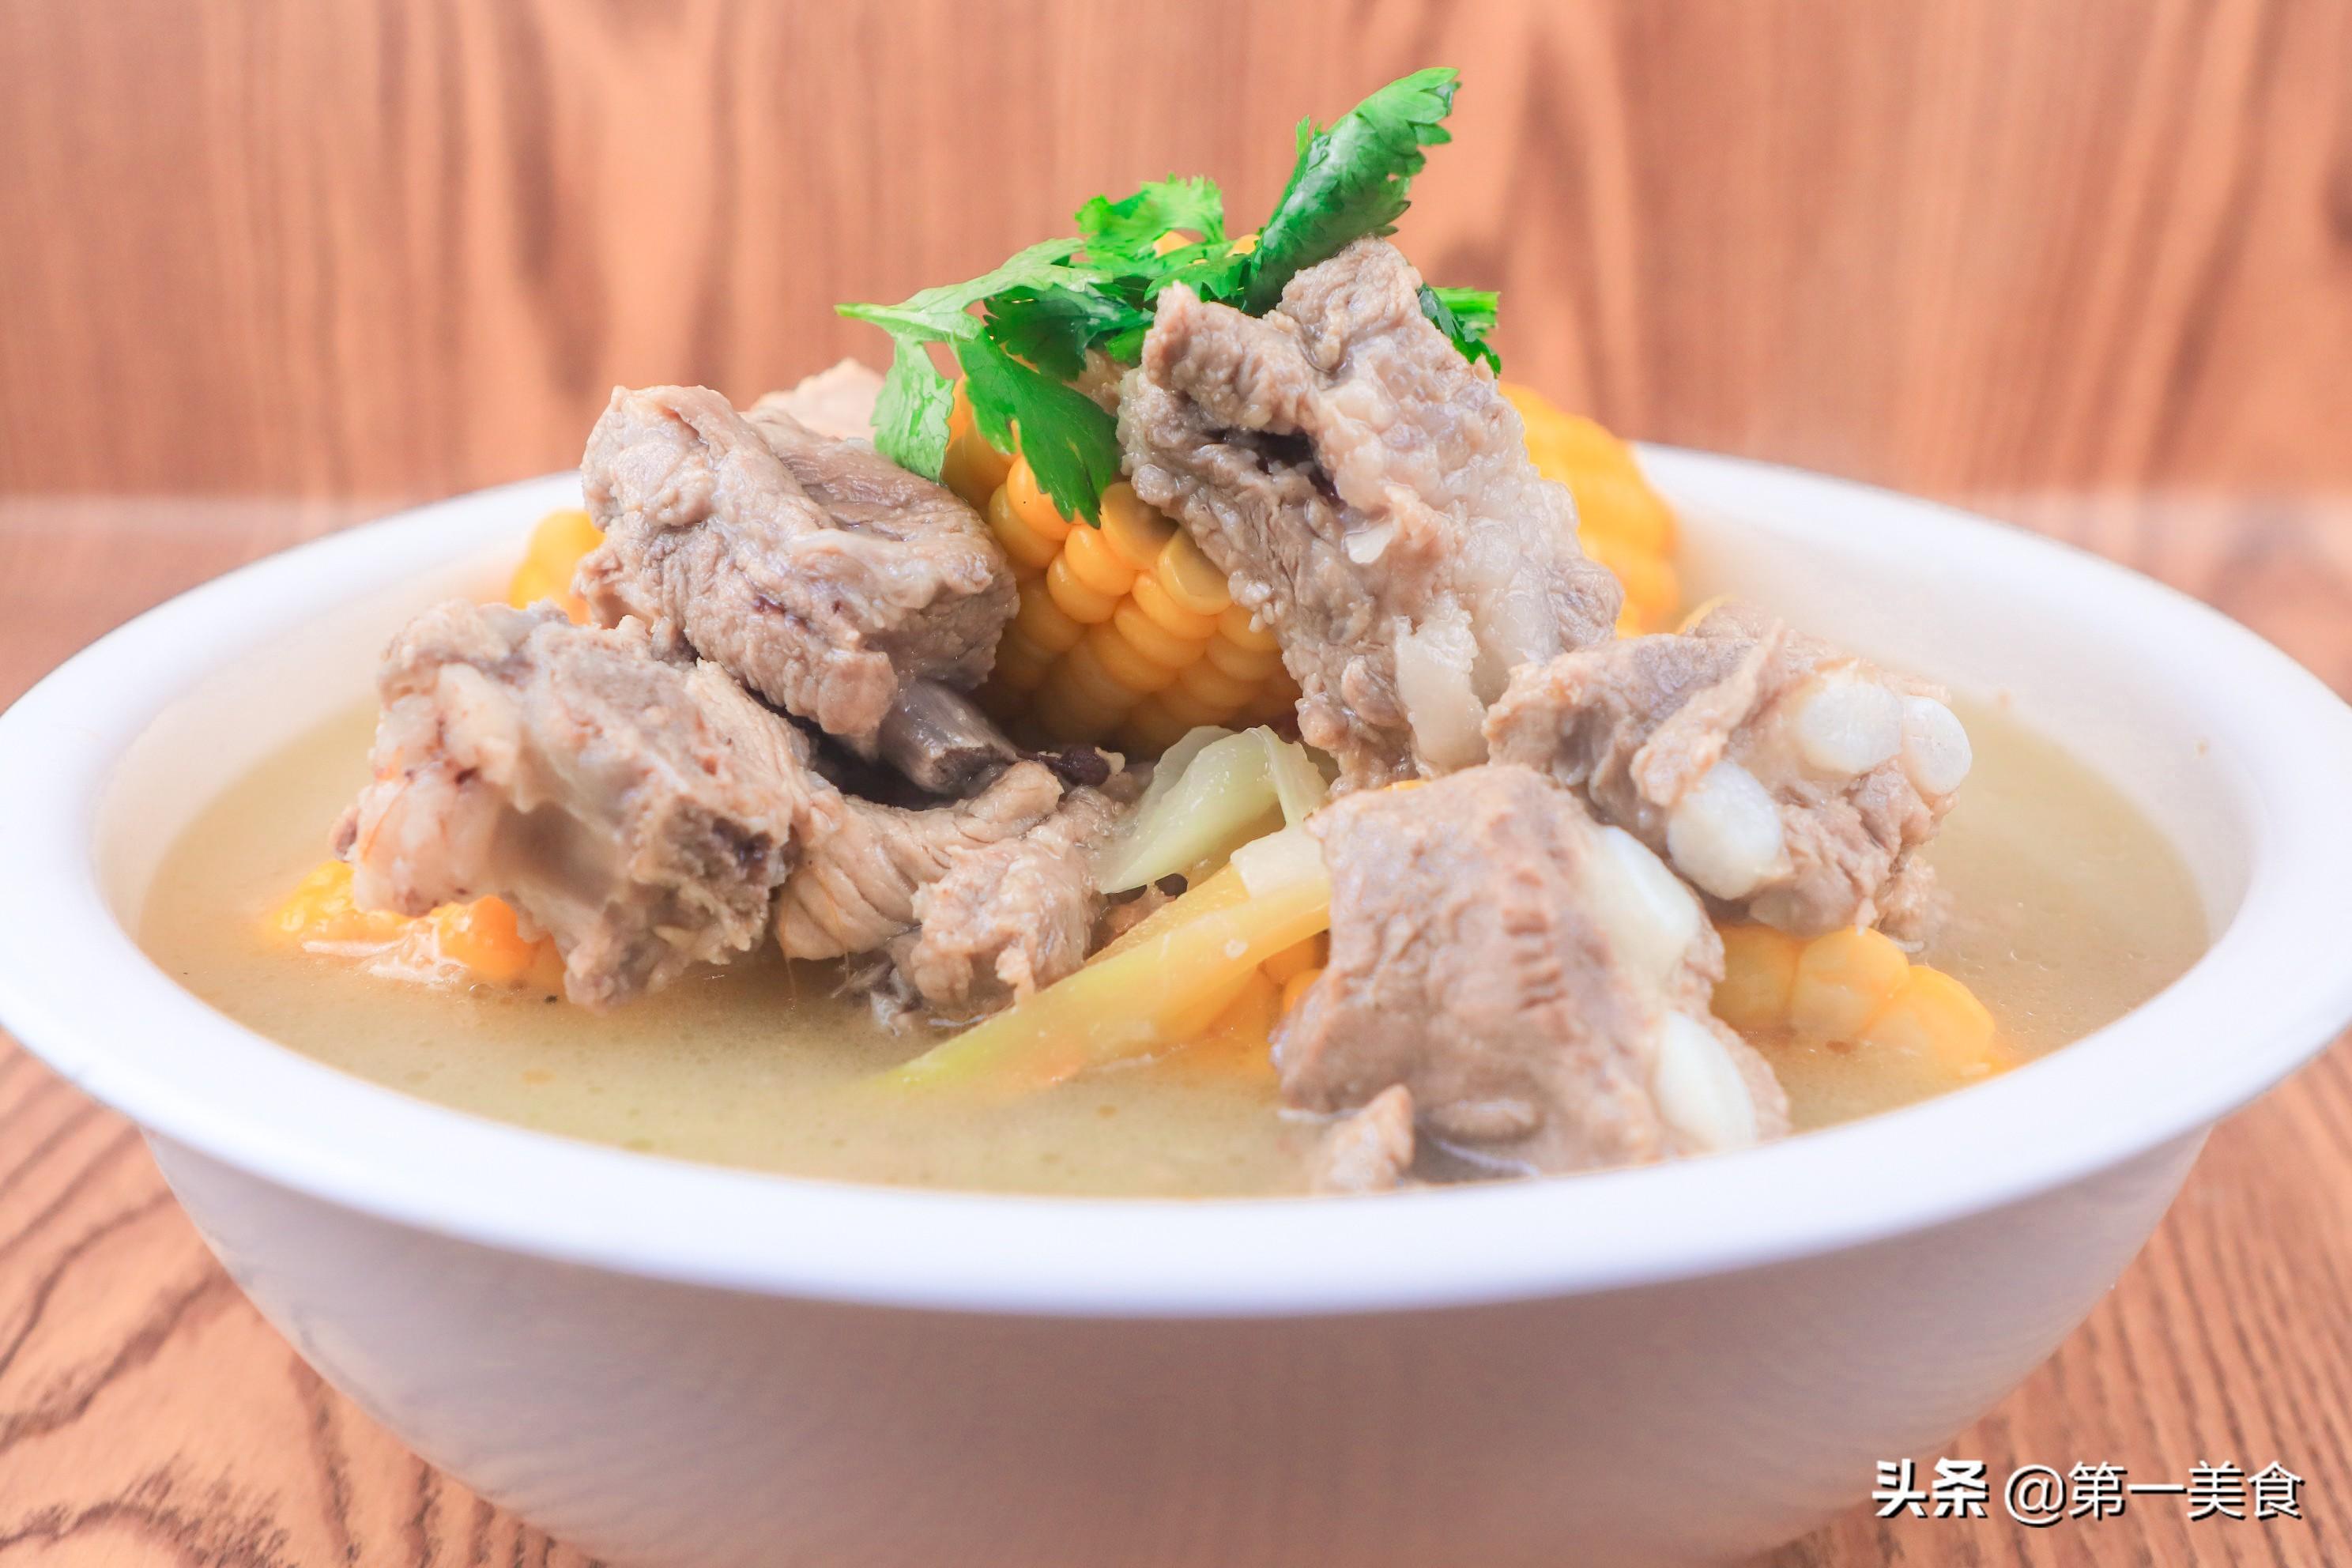 玉米排骨最家常做法,汤白肉鲜又营养,清淡不油腻,简单易学 美食做法 第9张